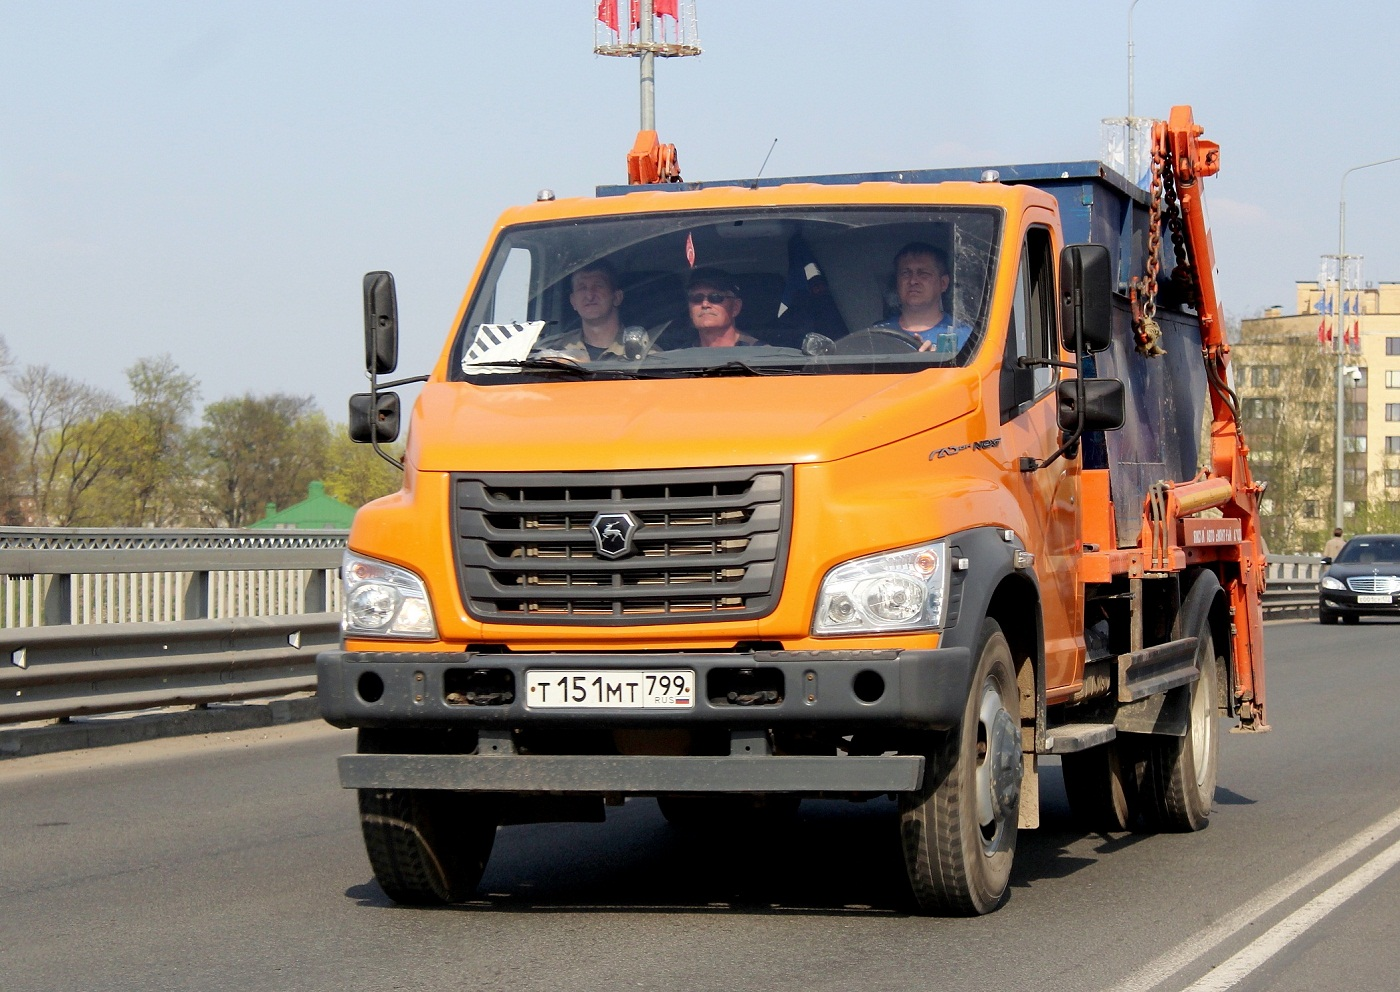 Бункеровоз МК-1412-13 на шасси ГАЗ-C41R13 #Т 151 МТ 799. Псков, мост имени 50-летия Октября